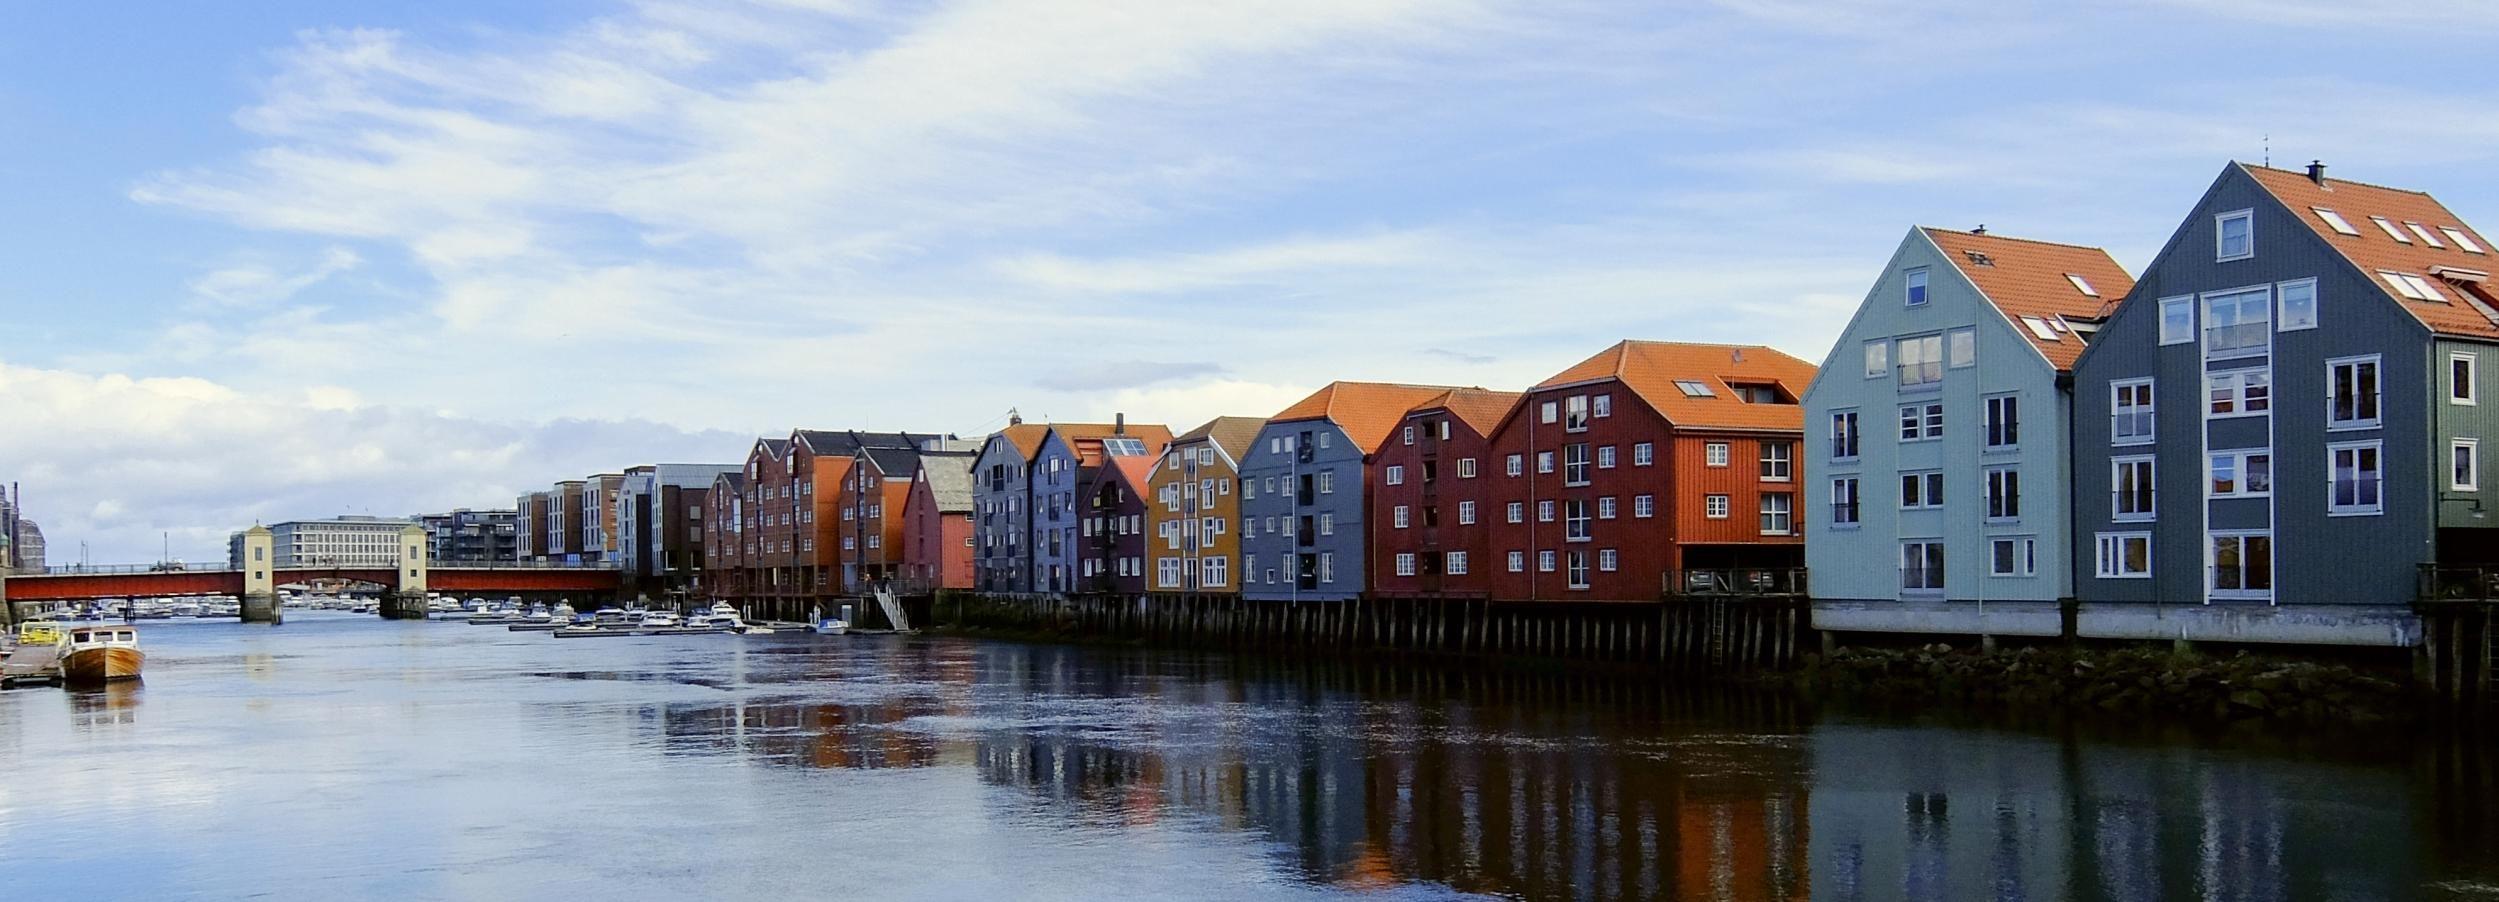 Trondheim gosta de um local: excursão confidencial personalizada